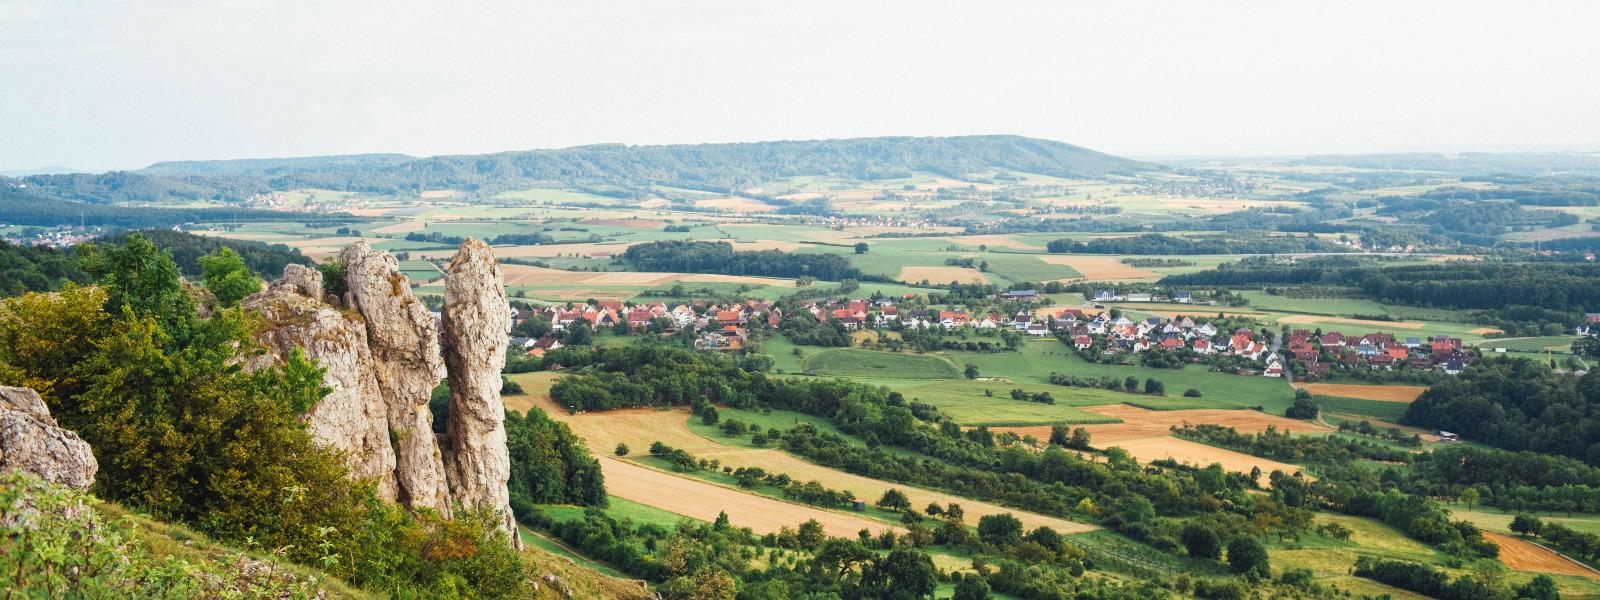 Cover Image of Willkommen bei keeno II